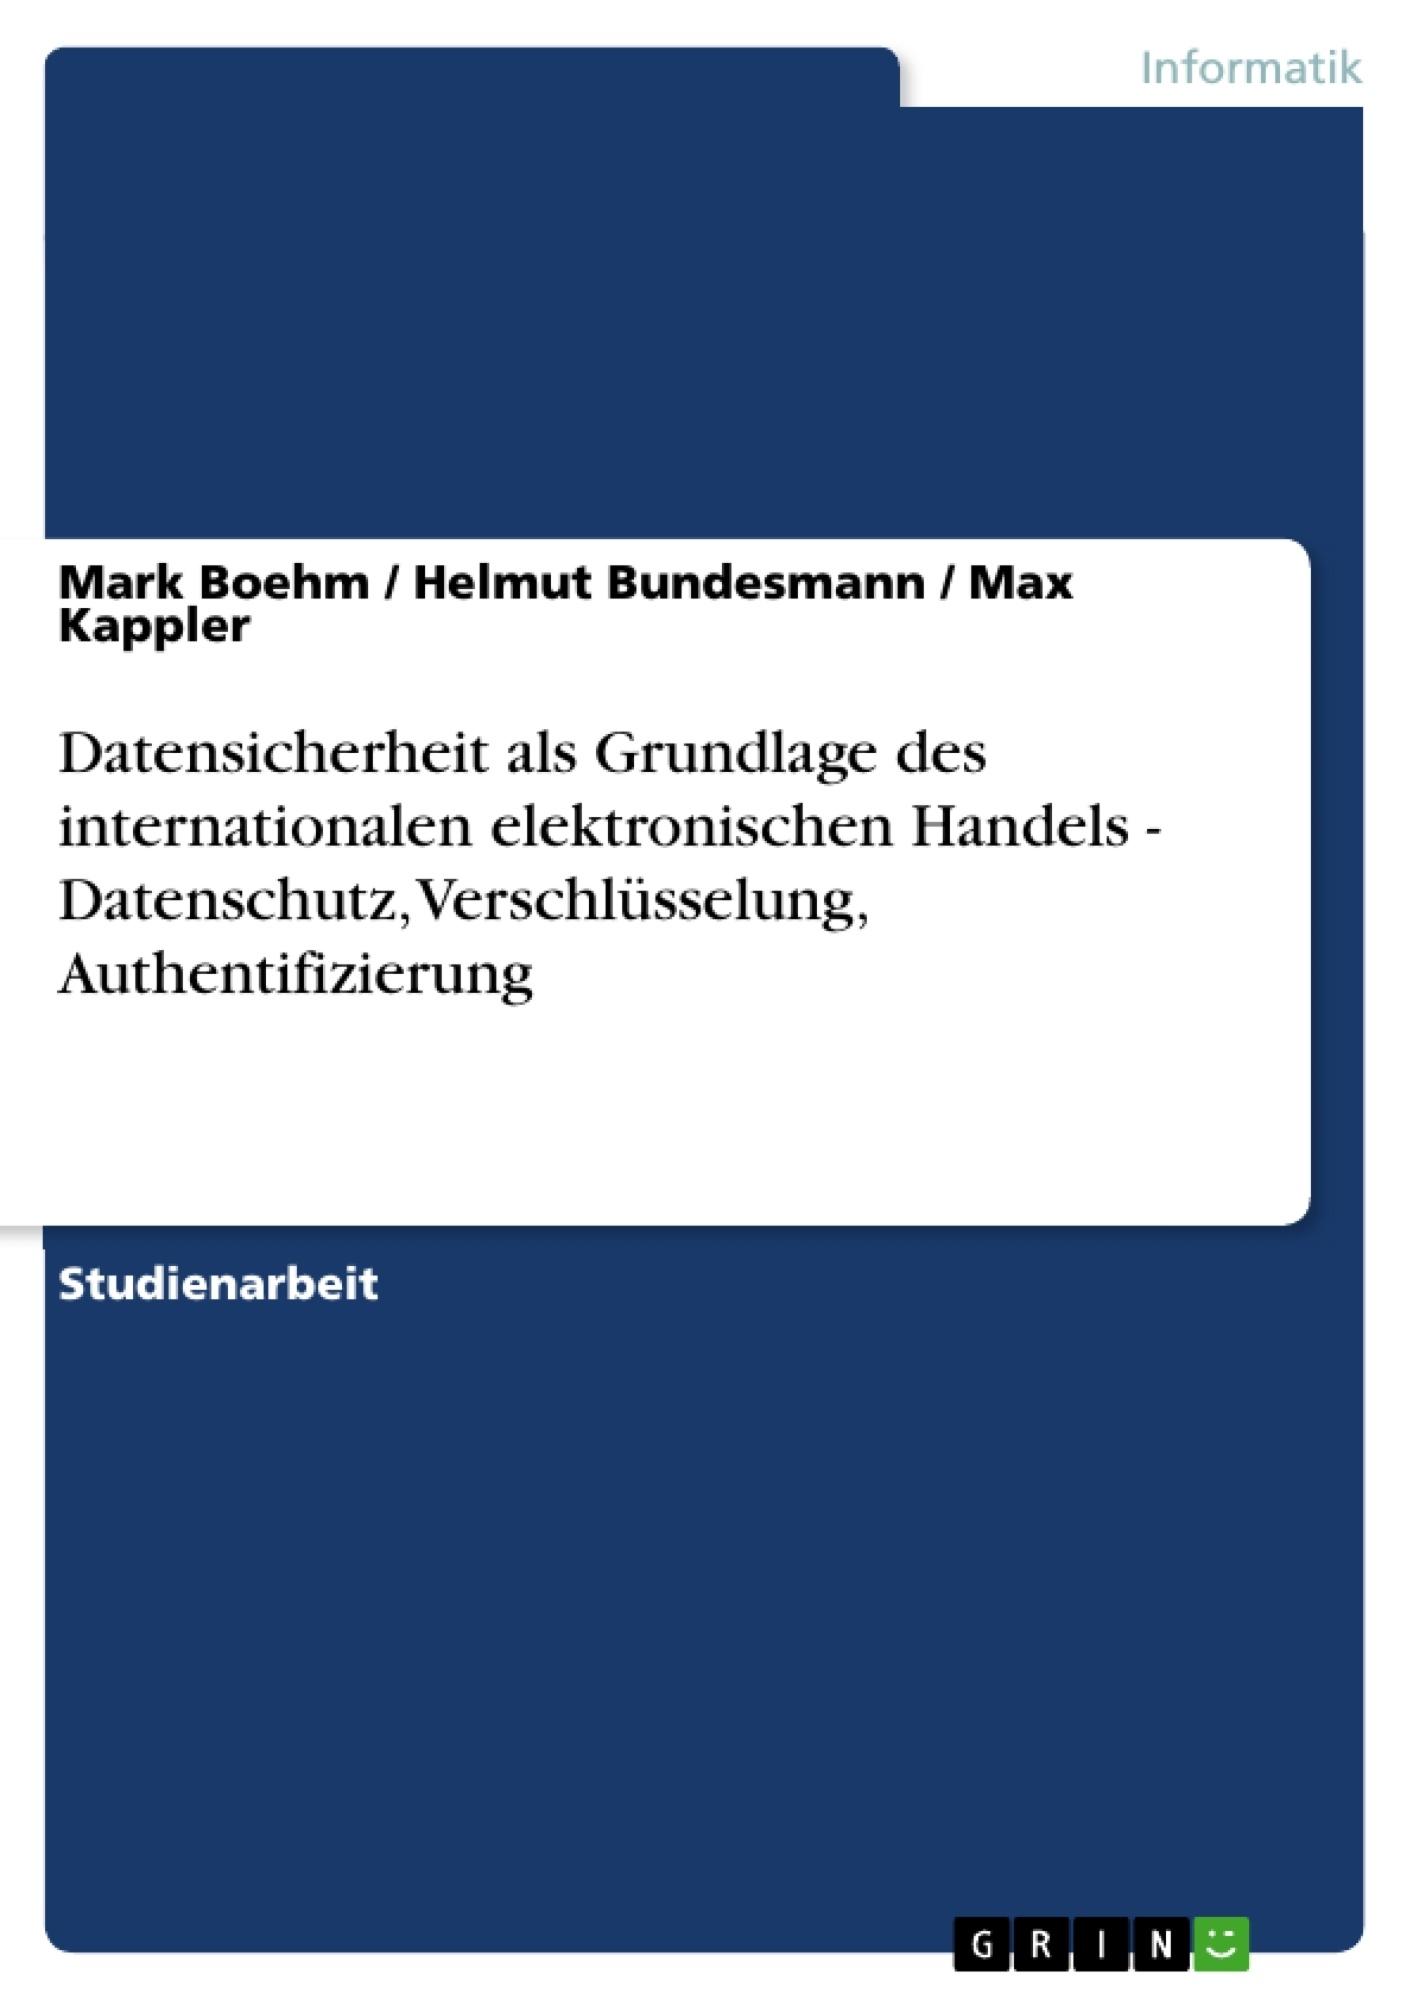 Titel: Datensicherheit als Grundlage des internationalen elektronischen Handels - Datenschutz, Verschlüsselung, Authentifizierung